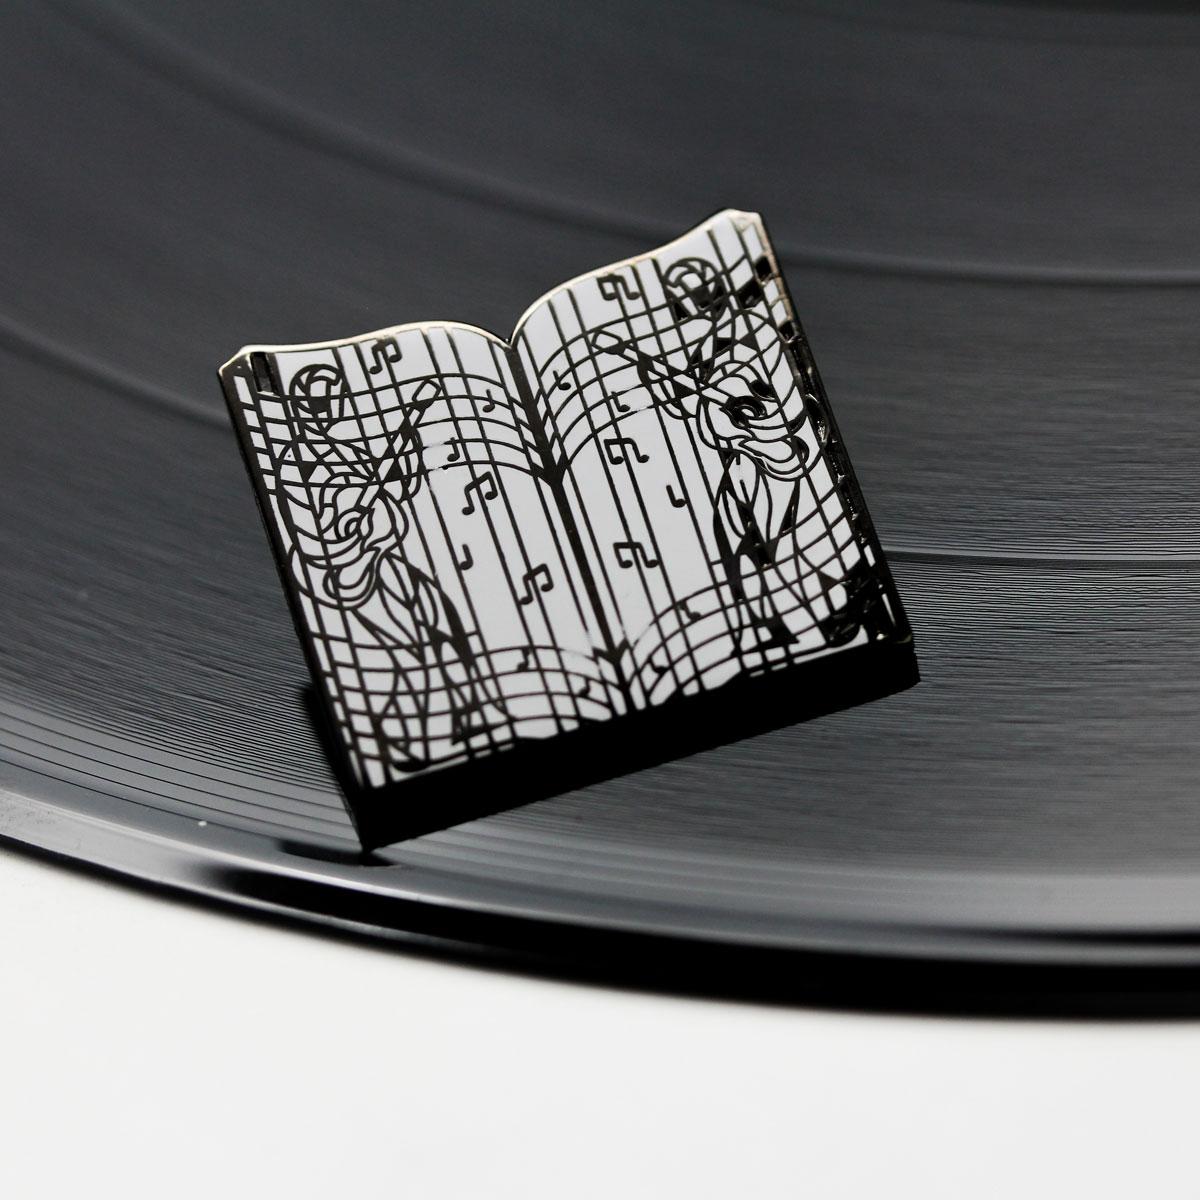 Elvis Music Figures Enamel Pin